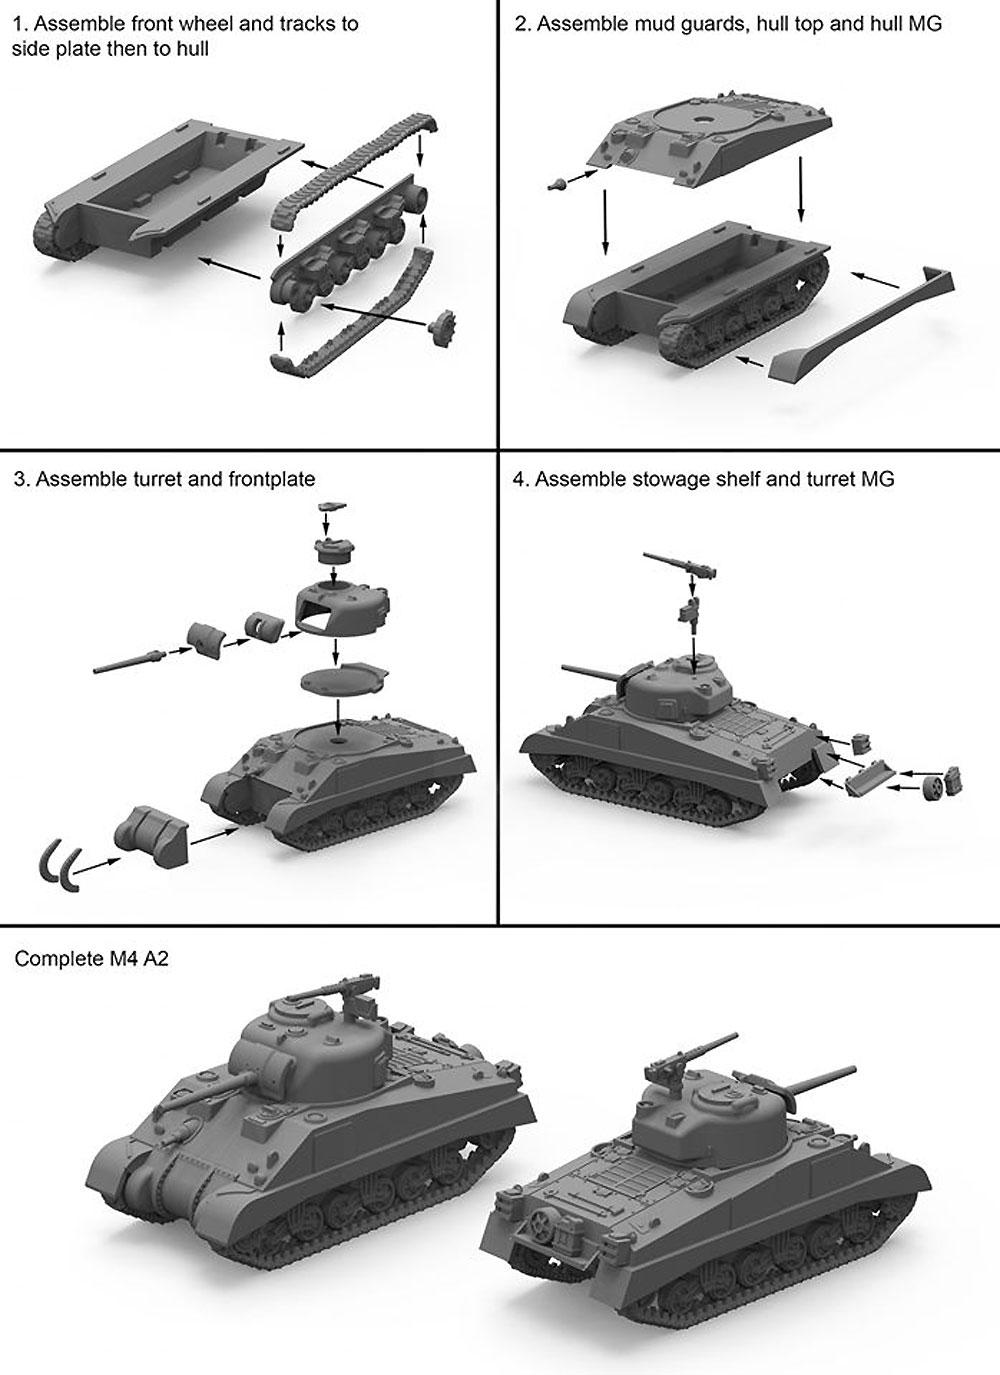 連合軍 M4A2 シャーマン 中戦車 75mm/76mm/105mm砲タイプ (3キット入)プラモデル(プラスチックソルジャーWorld War 2No.WW2V20034)商品画像_2